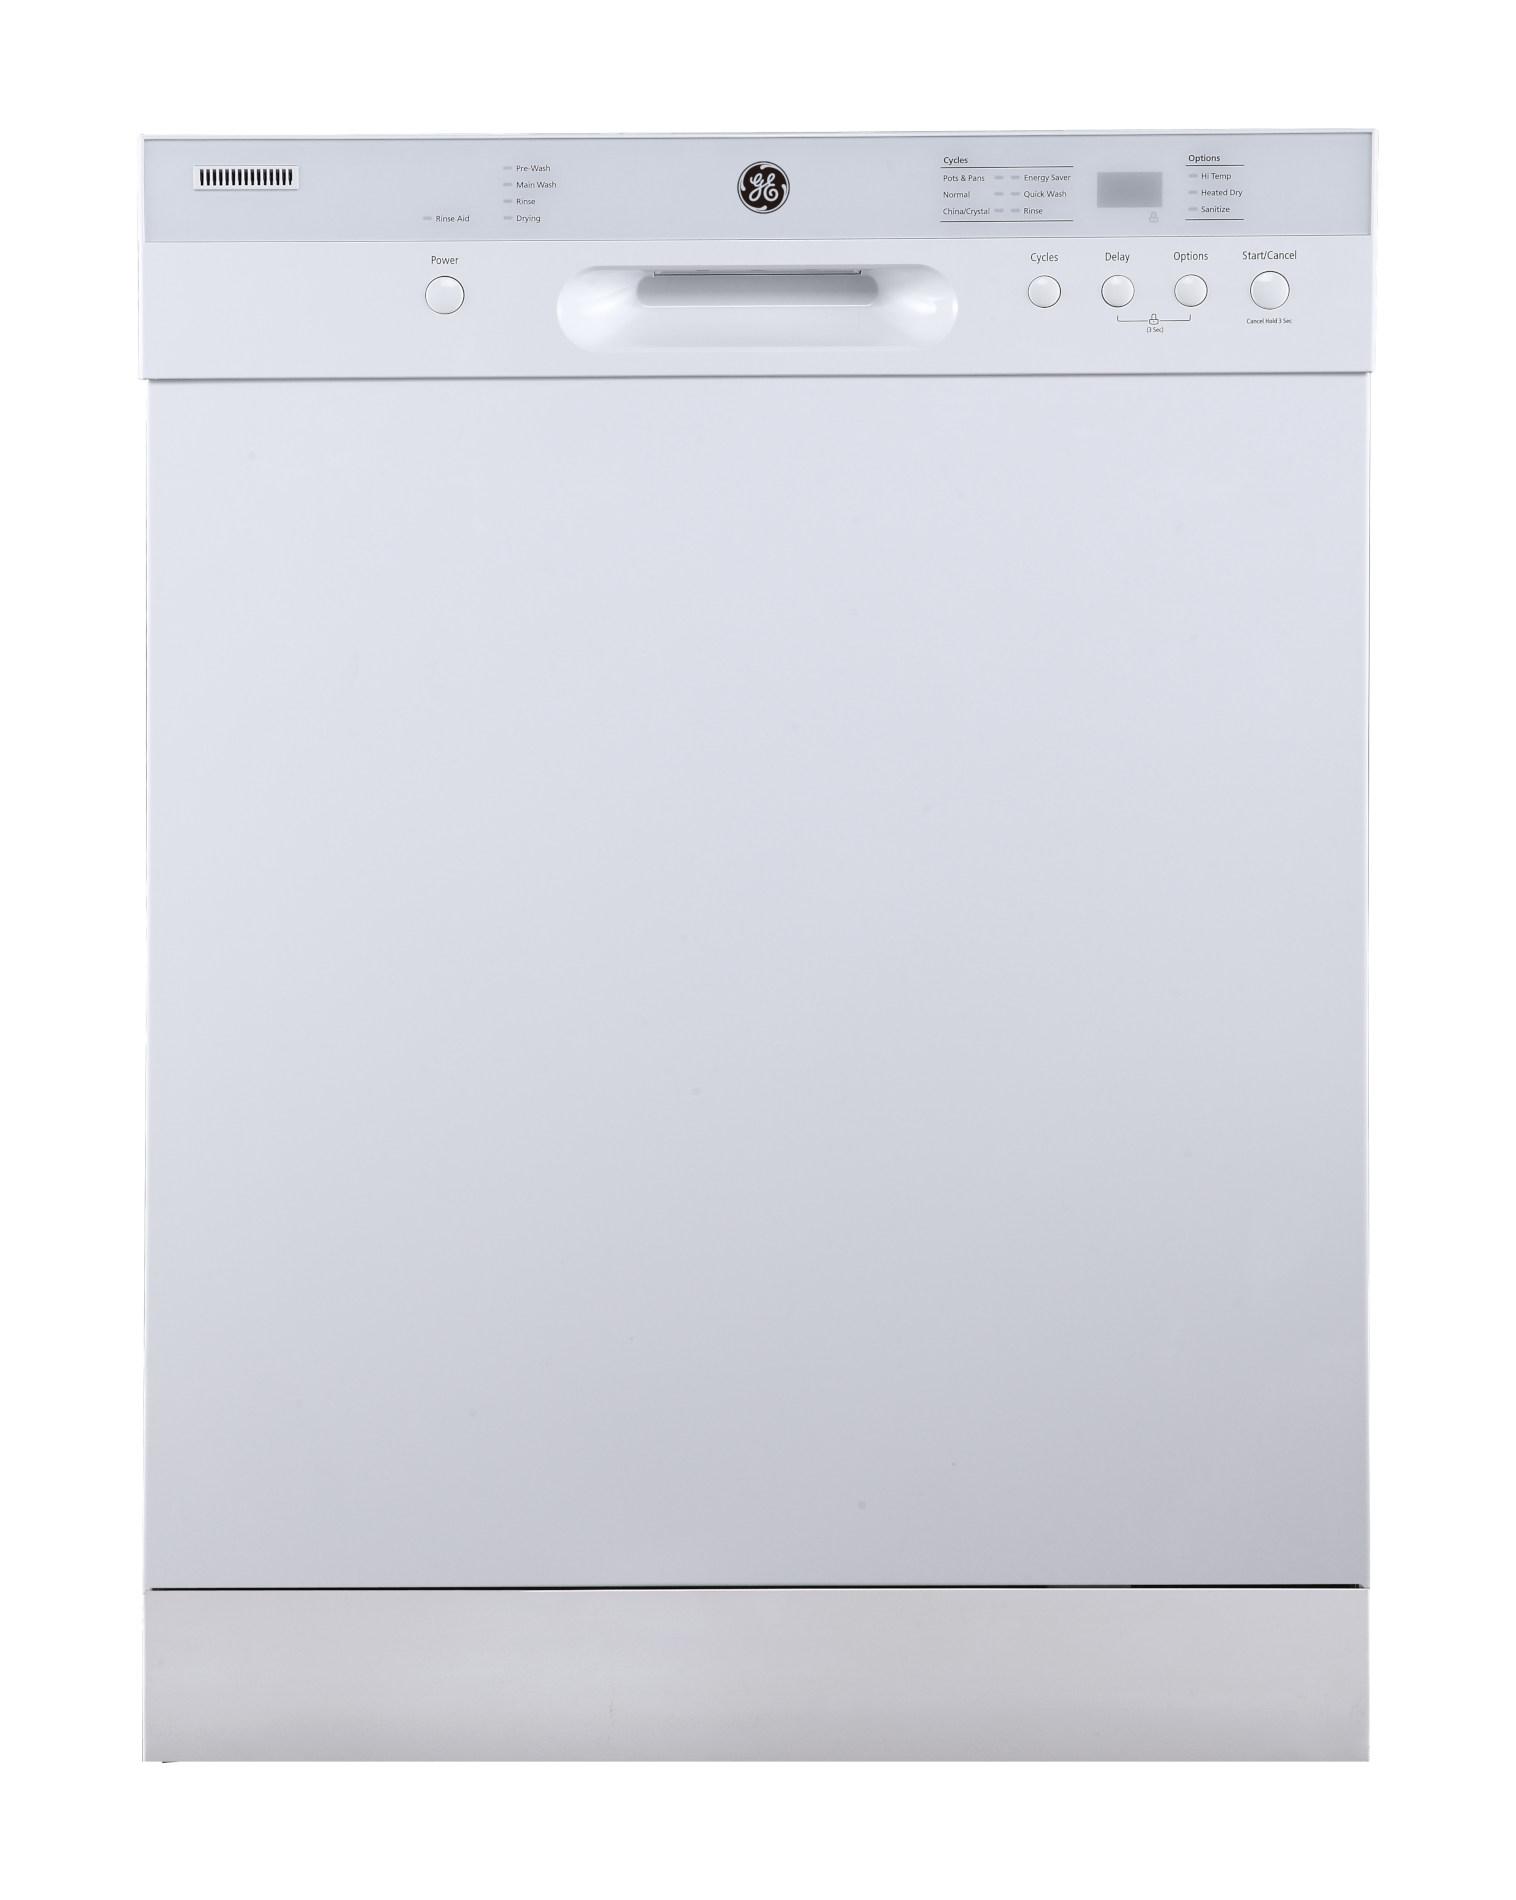 22707 – dishwasher – GBF532SGMWW